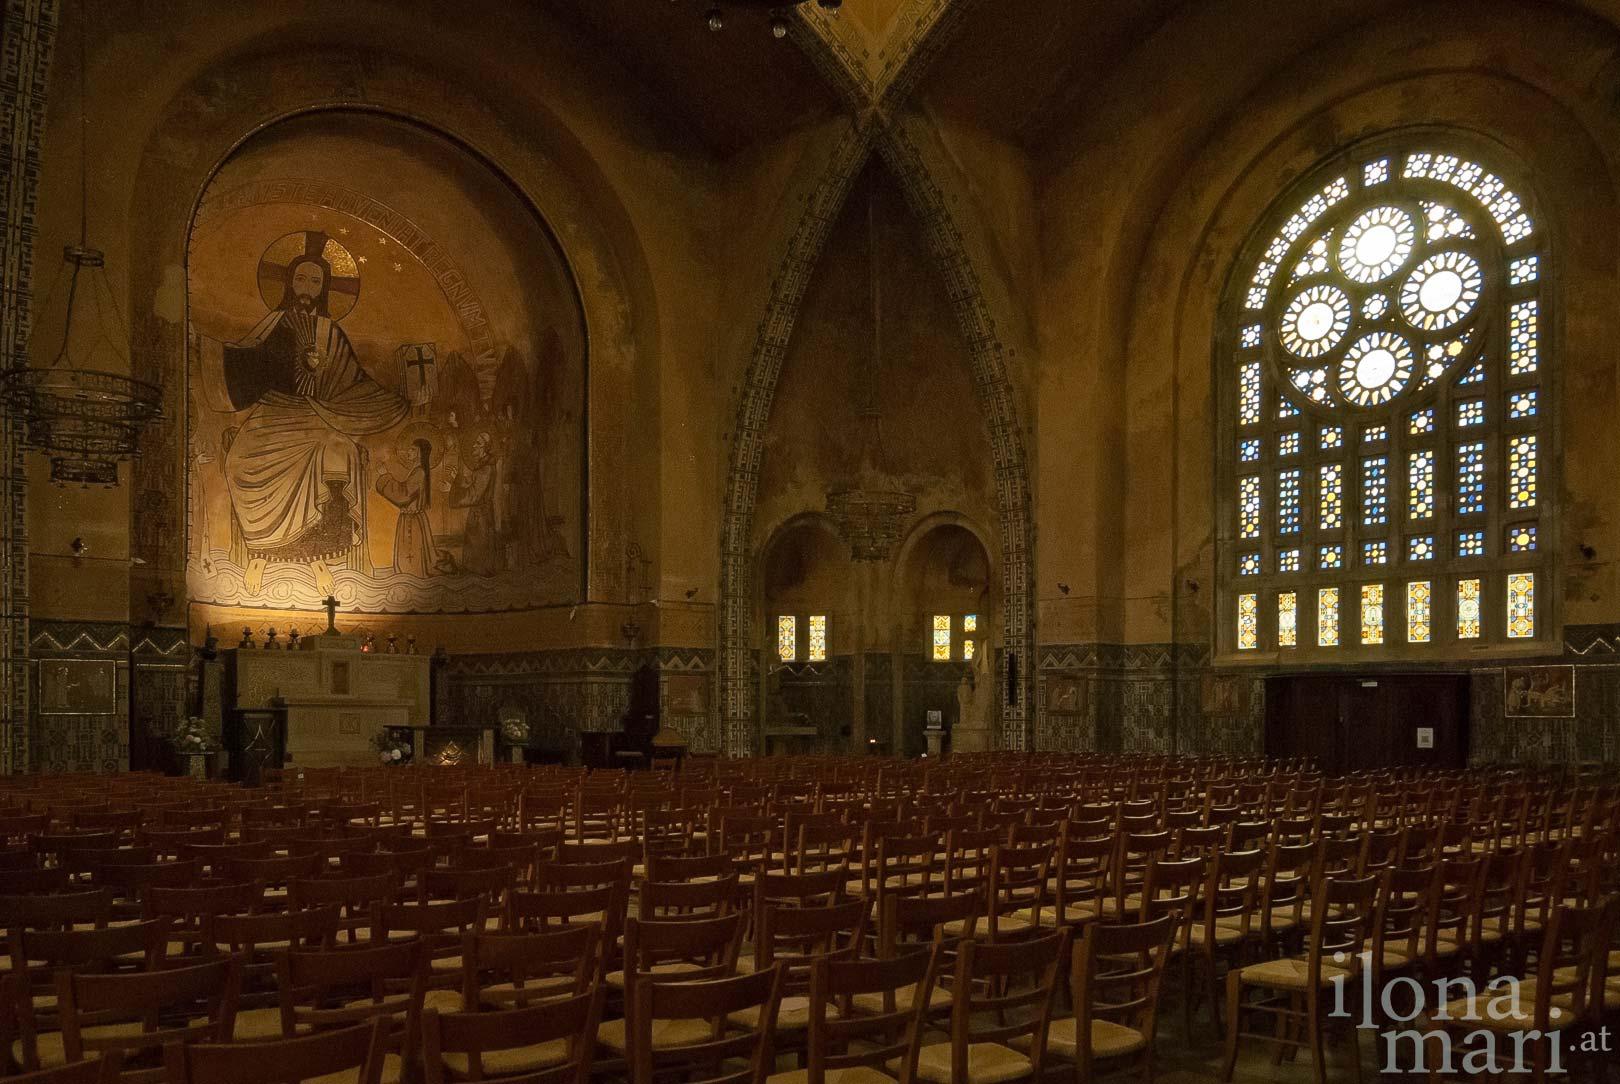 Innenraum der Kirche Saint Saveur in Domfront (Normandie)